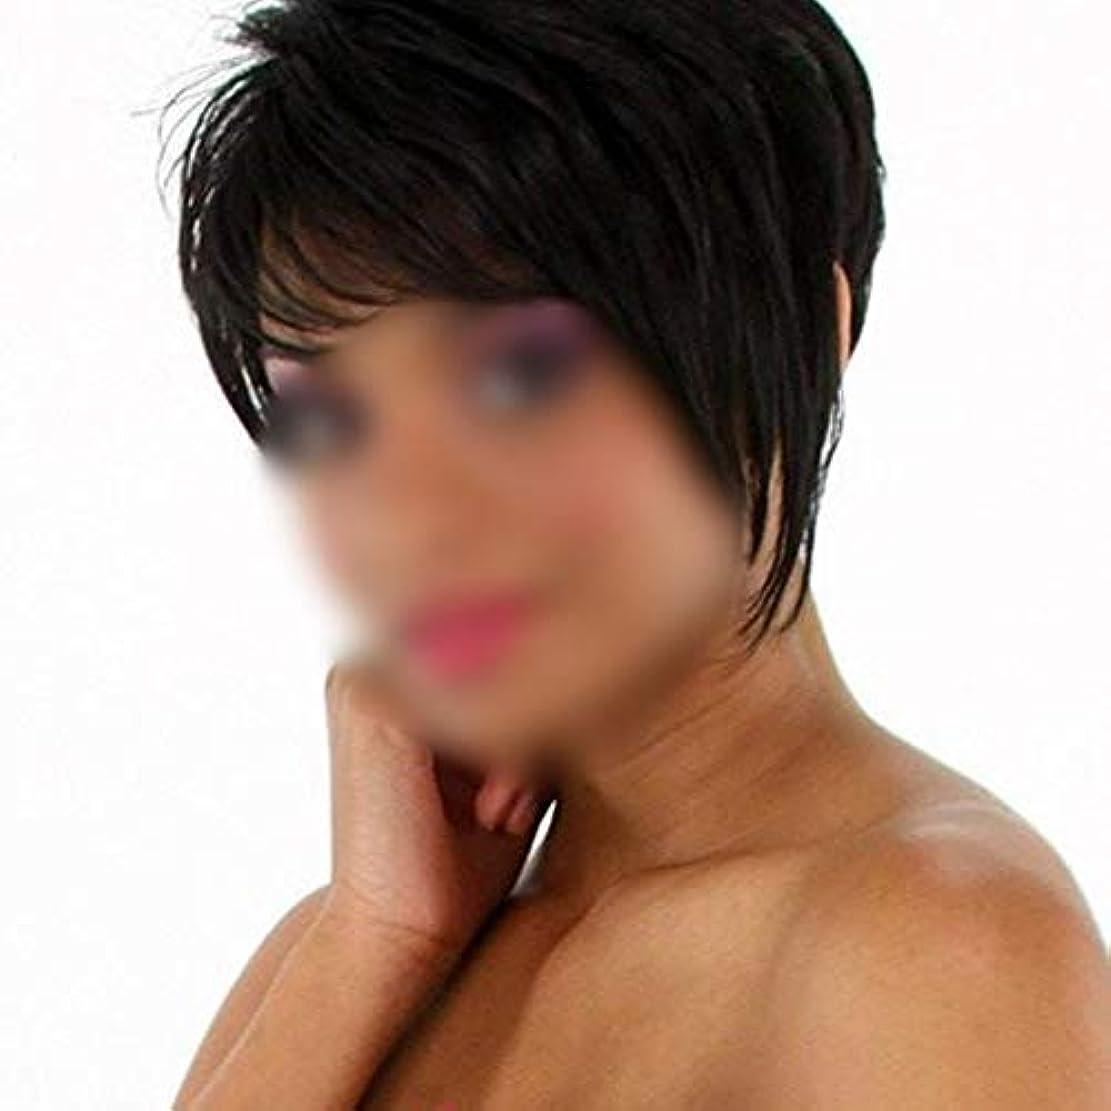 管理する静脈モザイクWASAIO 女性の自然なふわふわショートストレートヘアブラックファッションかつらアクセサリースタイル交換中部無料キャップ付き (色 : 黒)